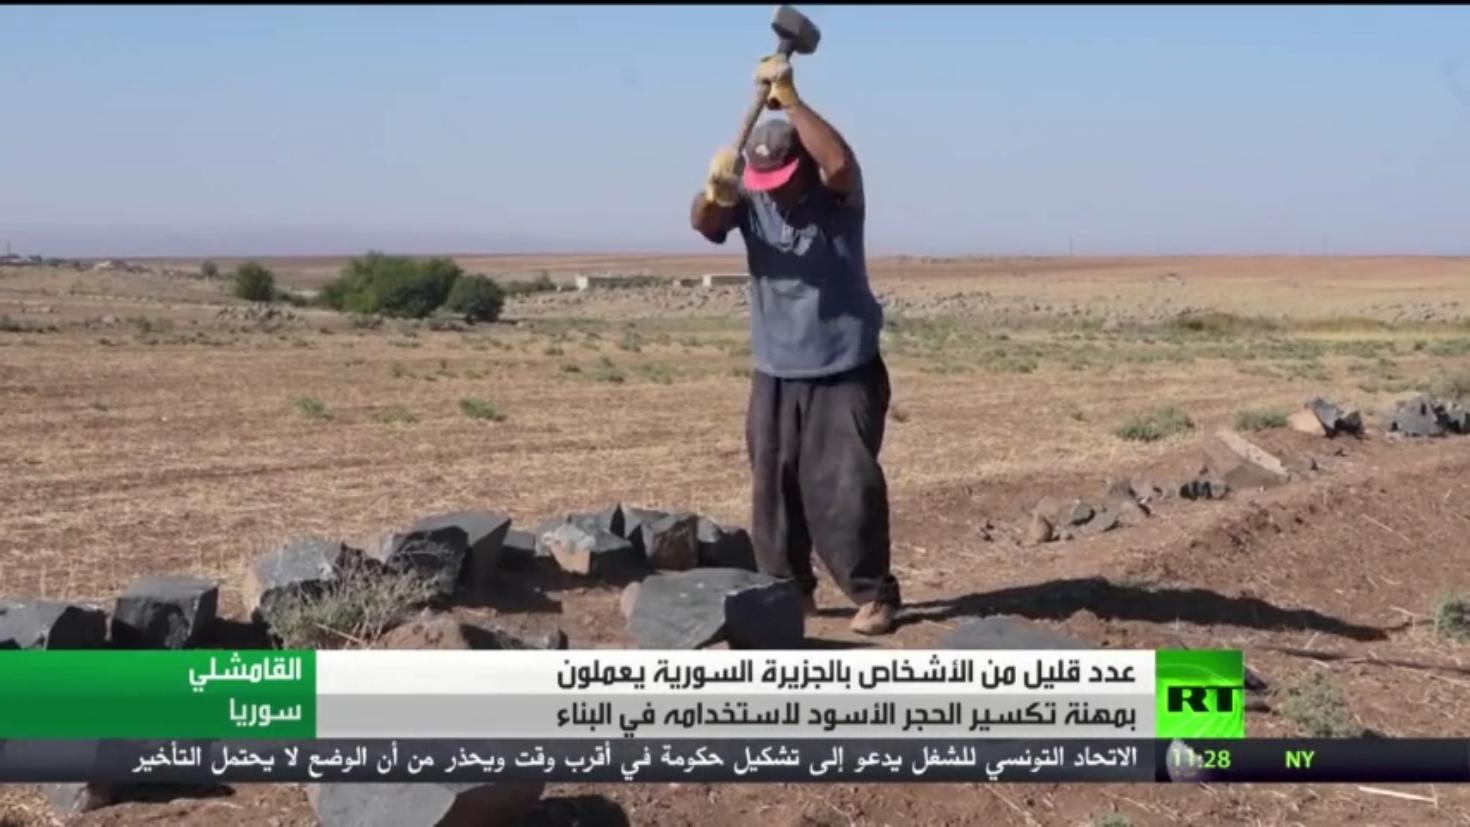 الحجارة السوداء..مهنة باقية بالجزيرة السورية